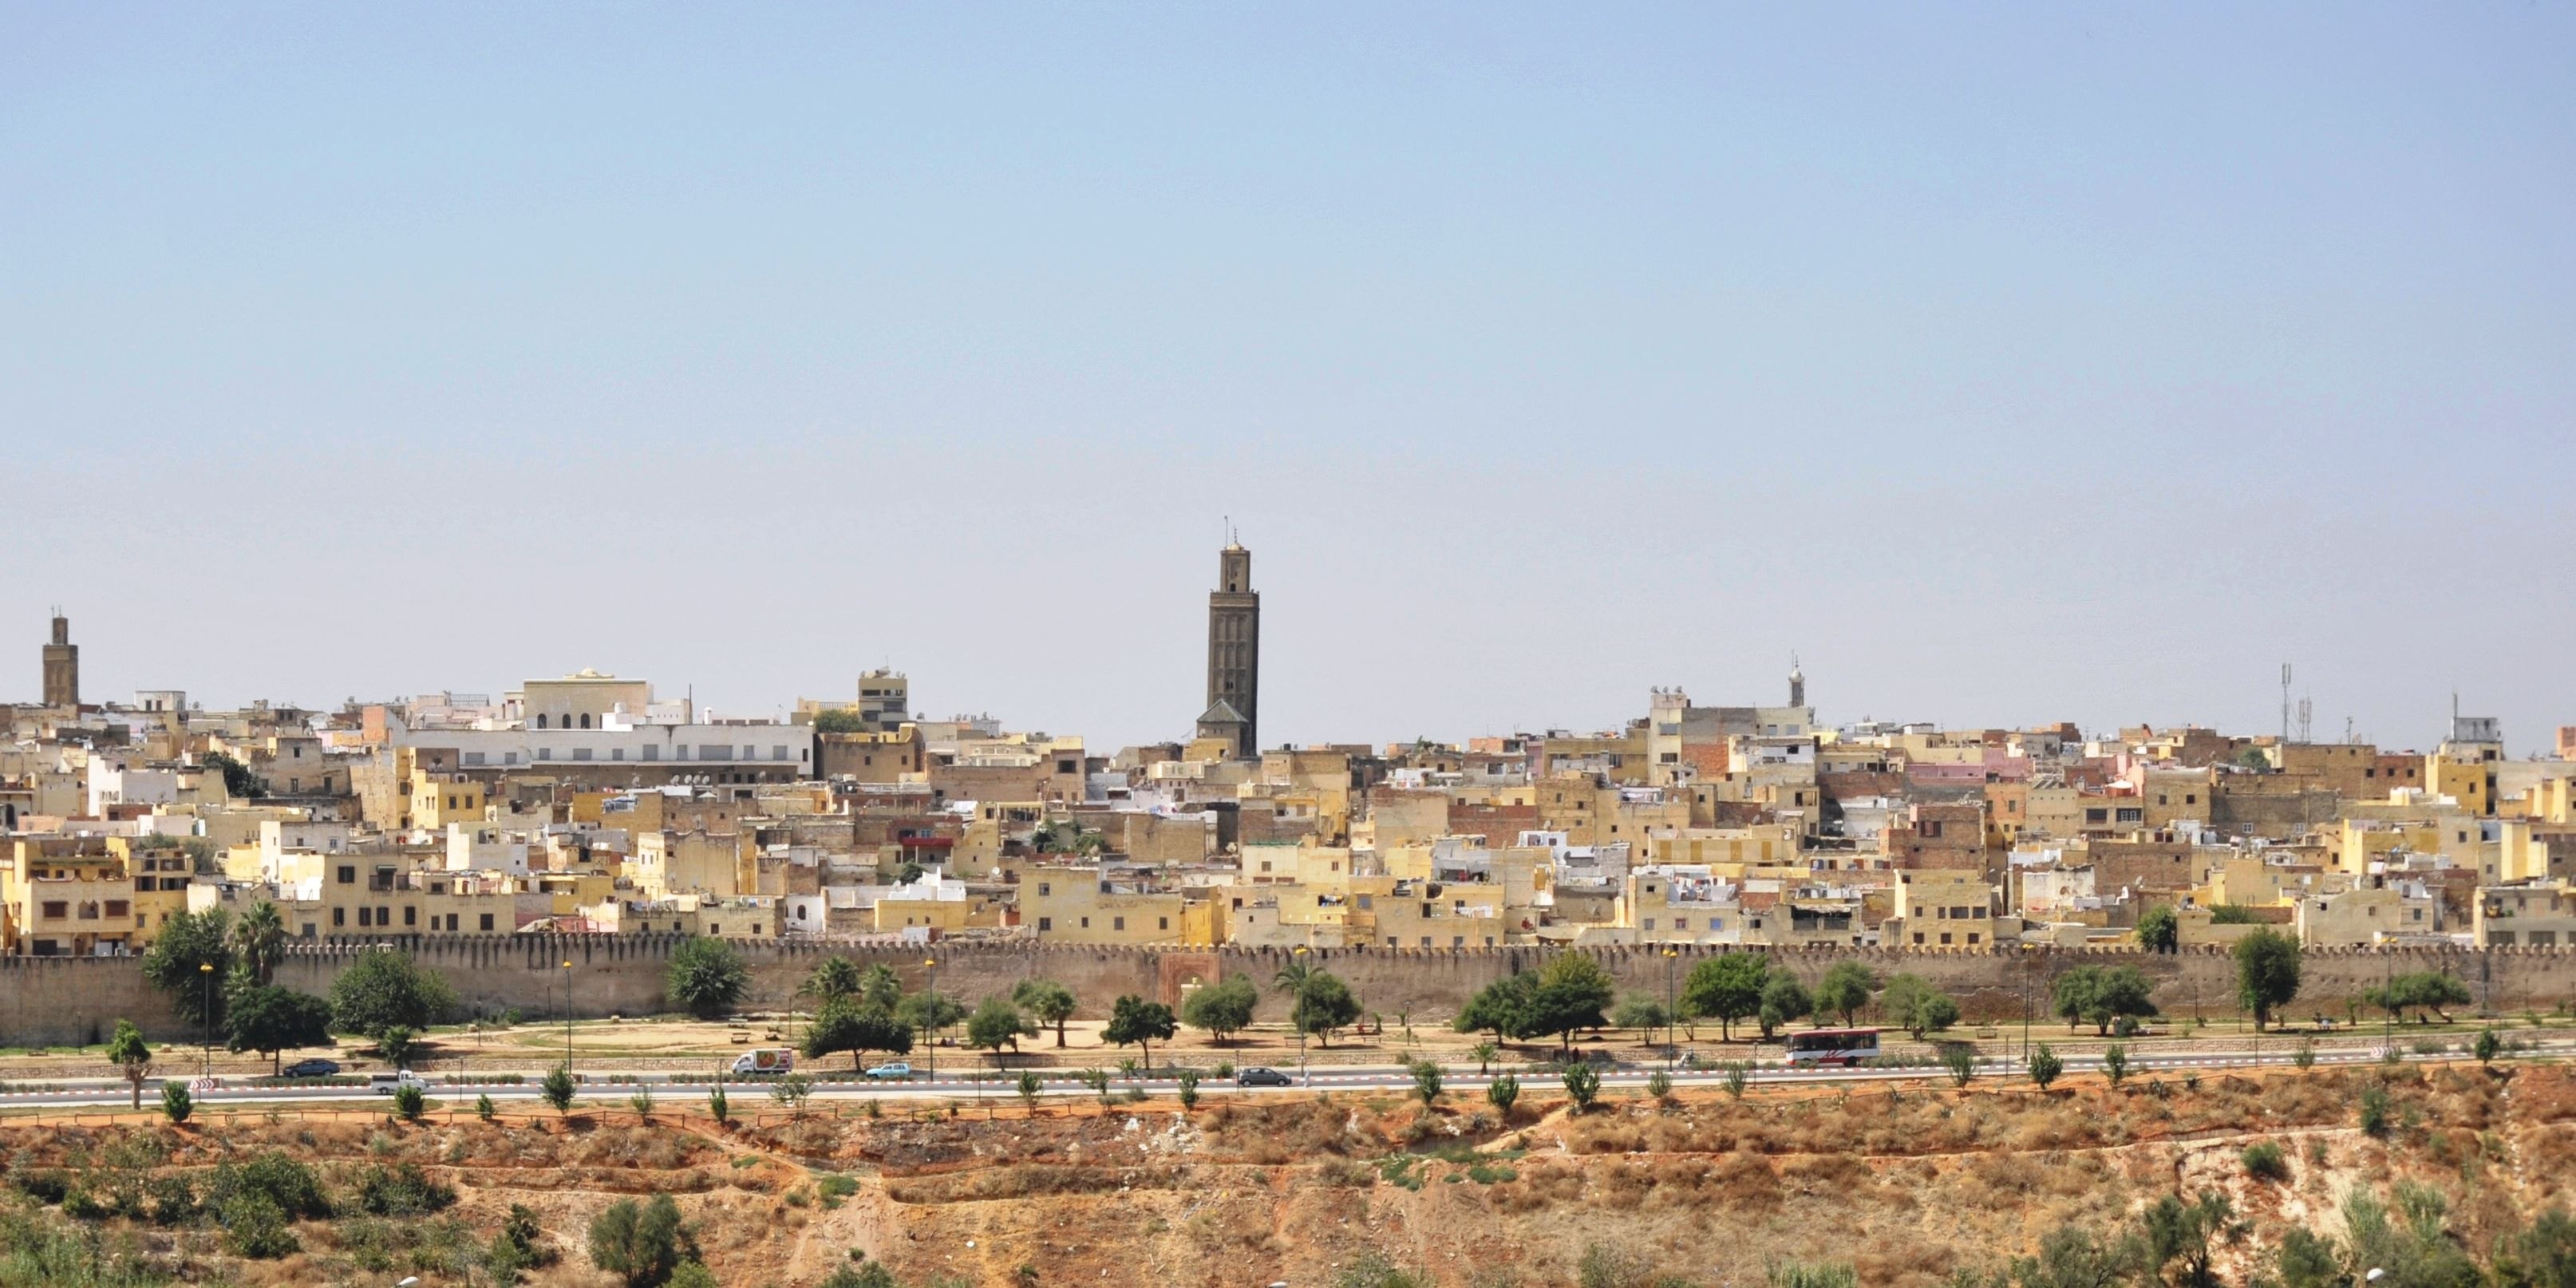 La Ville de Meknes